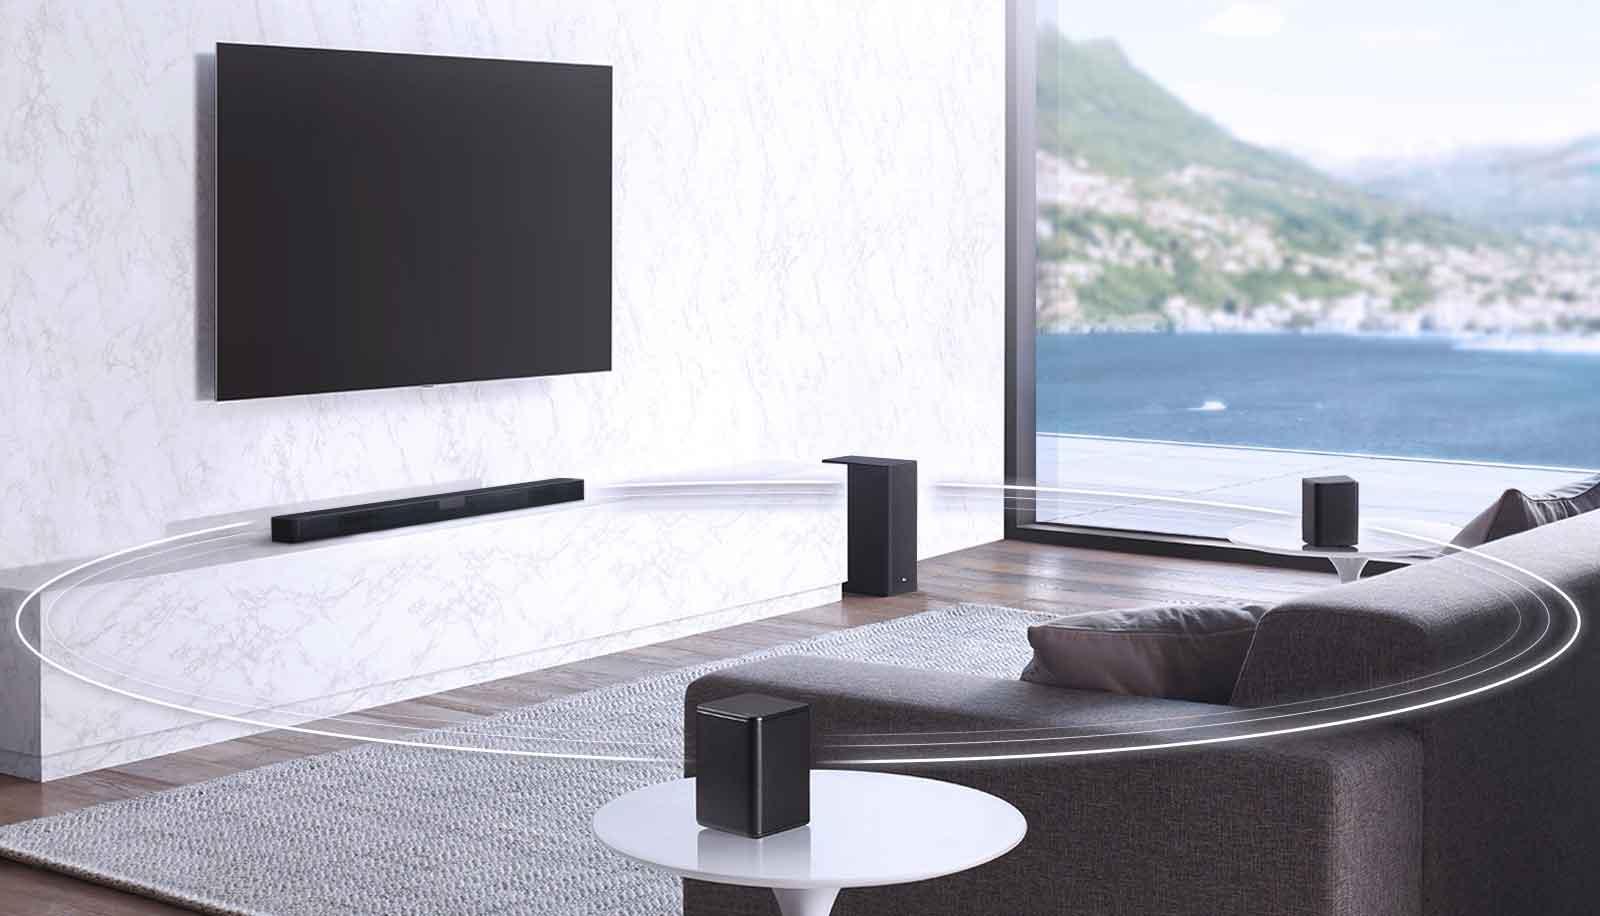 قابلیت همگام سازی با دیگر سیستم های صوتی ساندبار ال جی SL5